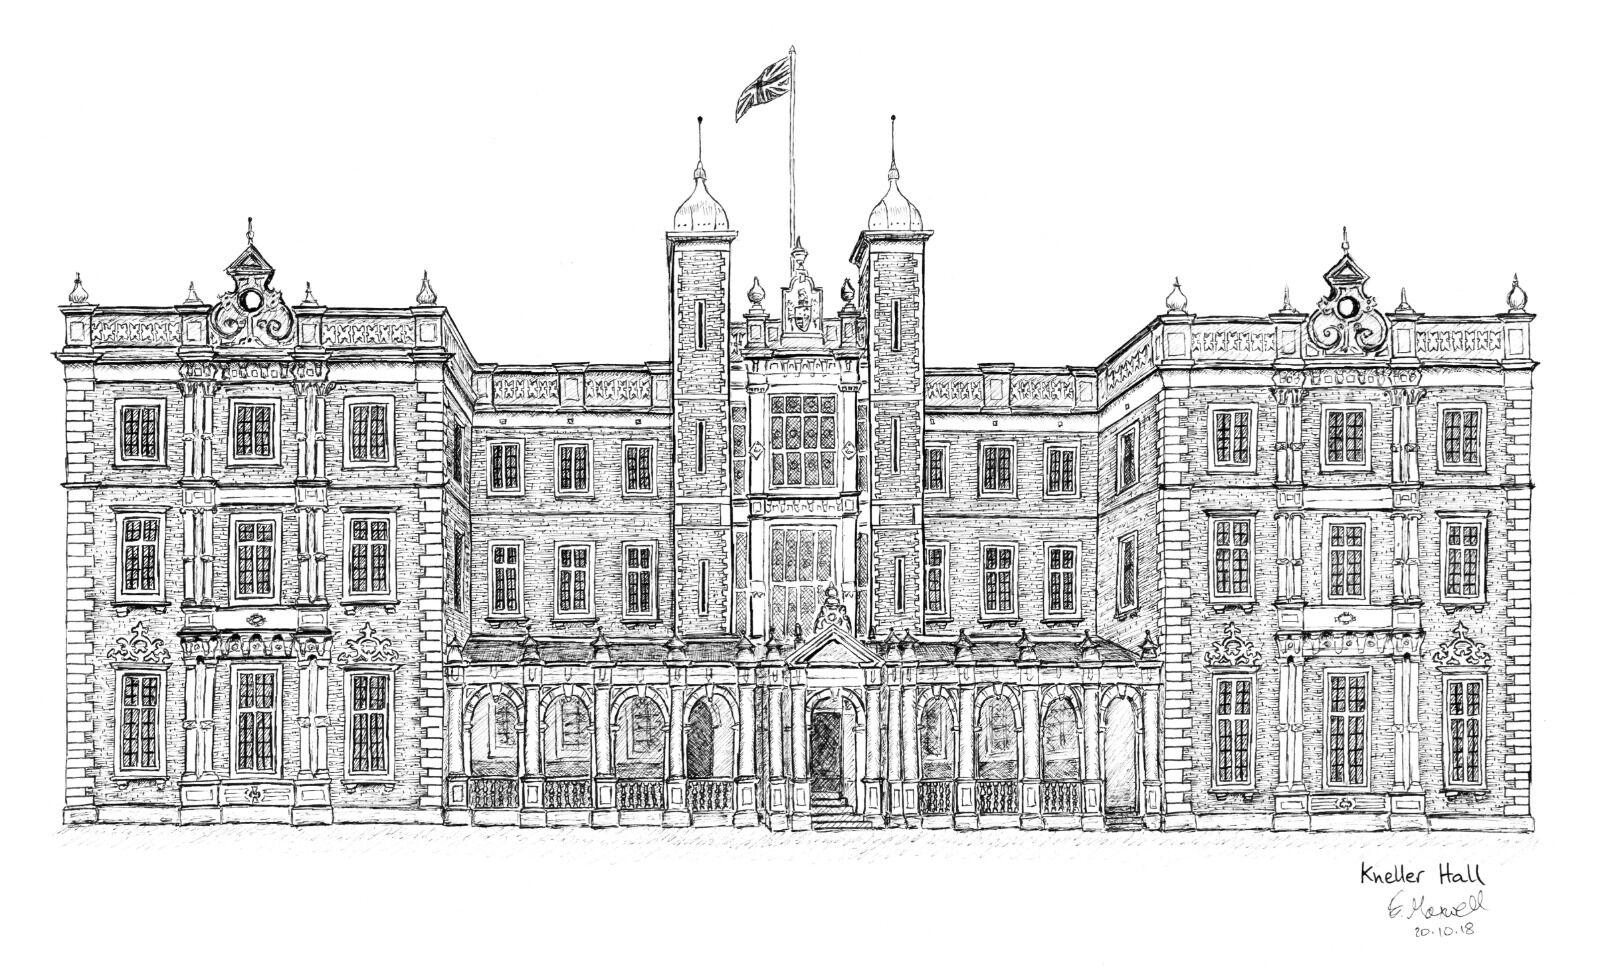 Kneller Hall